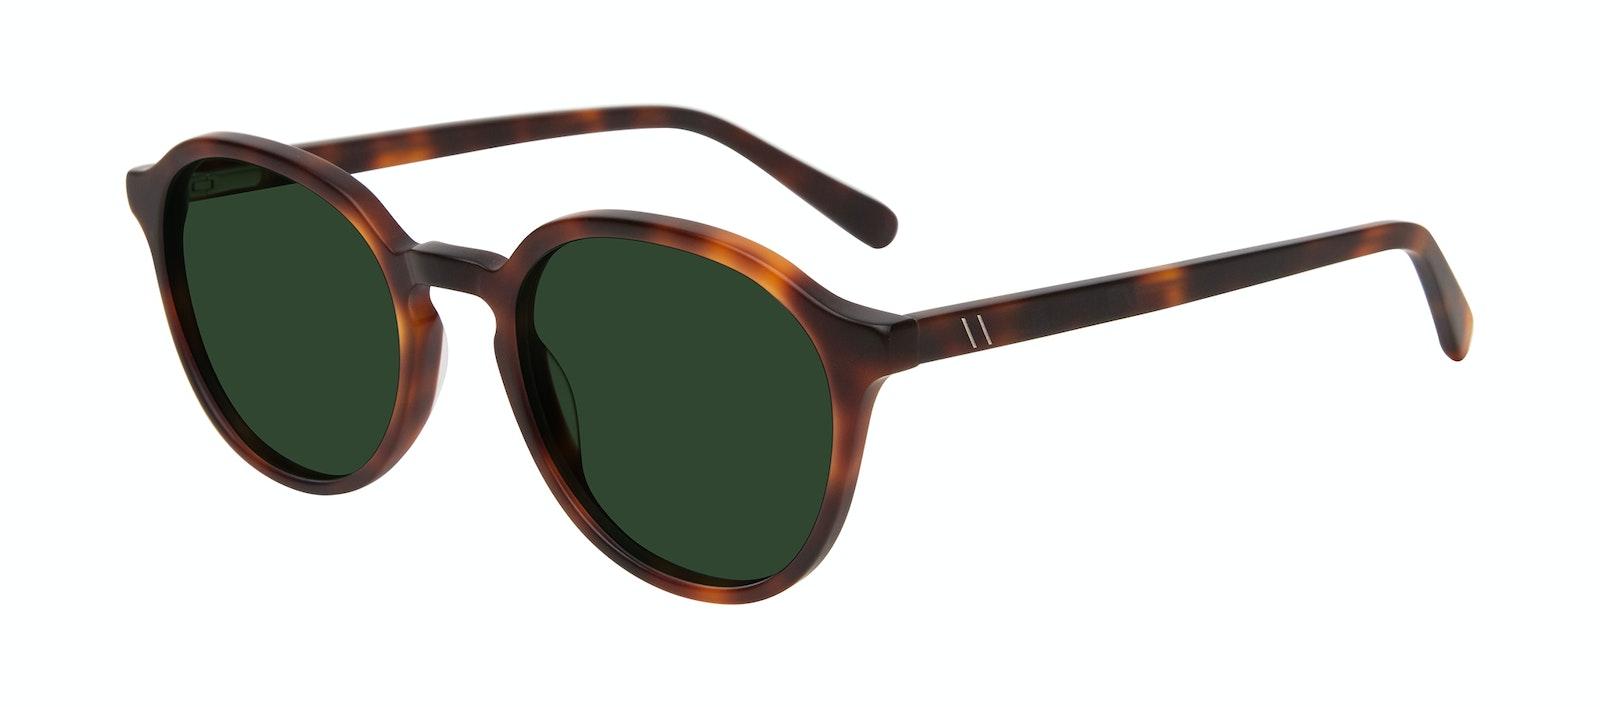 Affordable Fashion Glasses Round Sunglasses Men Ansel Matte Tortoise Tilt